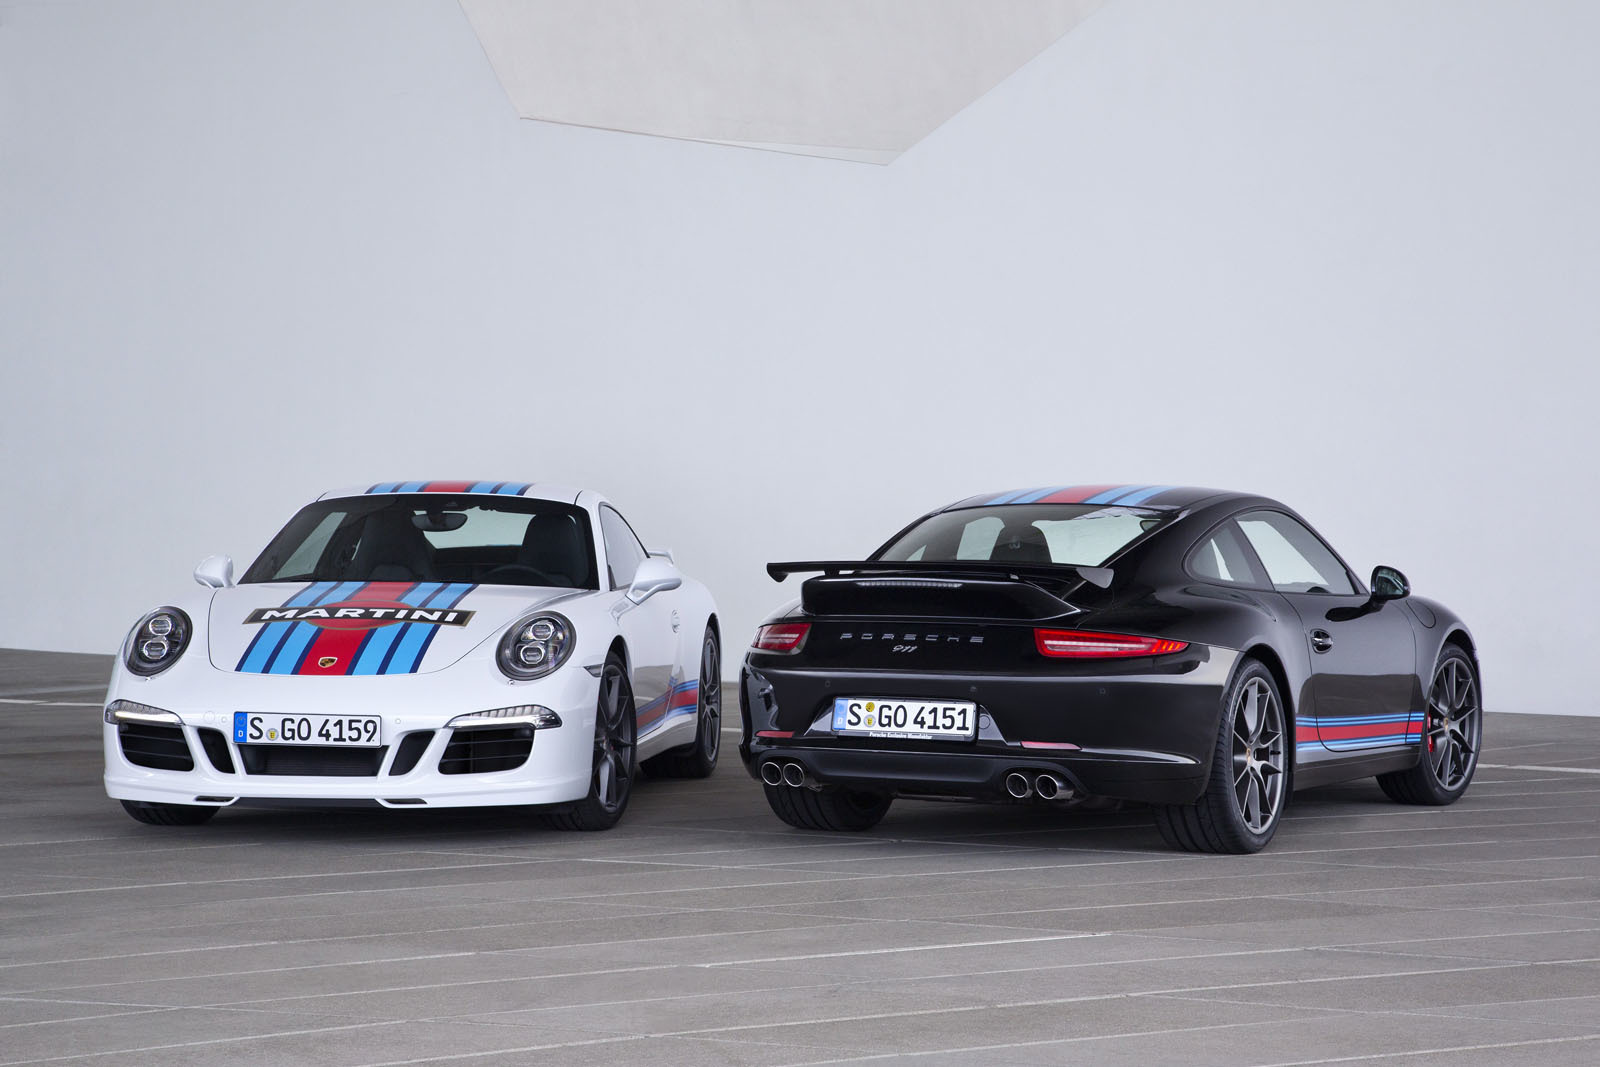 Porsche Carrera S Martini Racing Edition